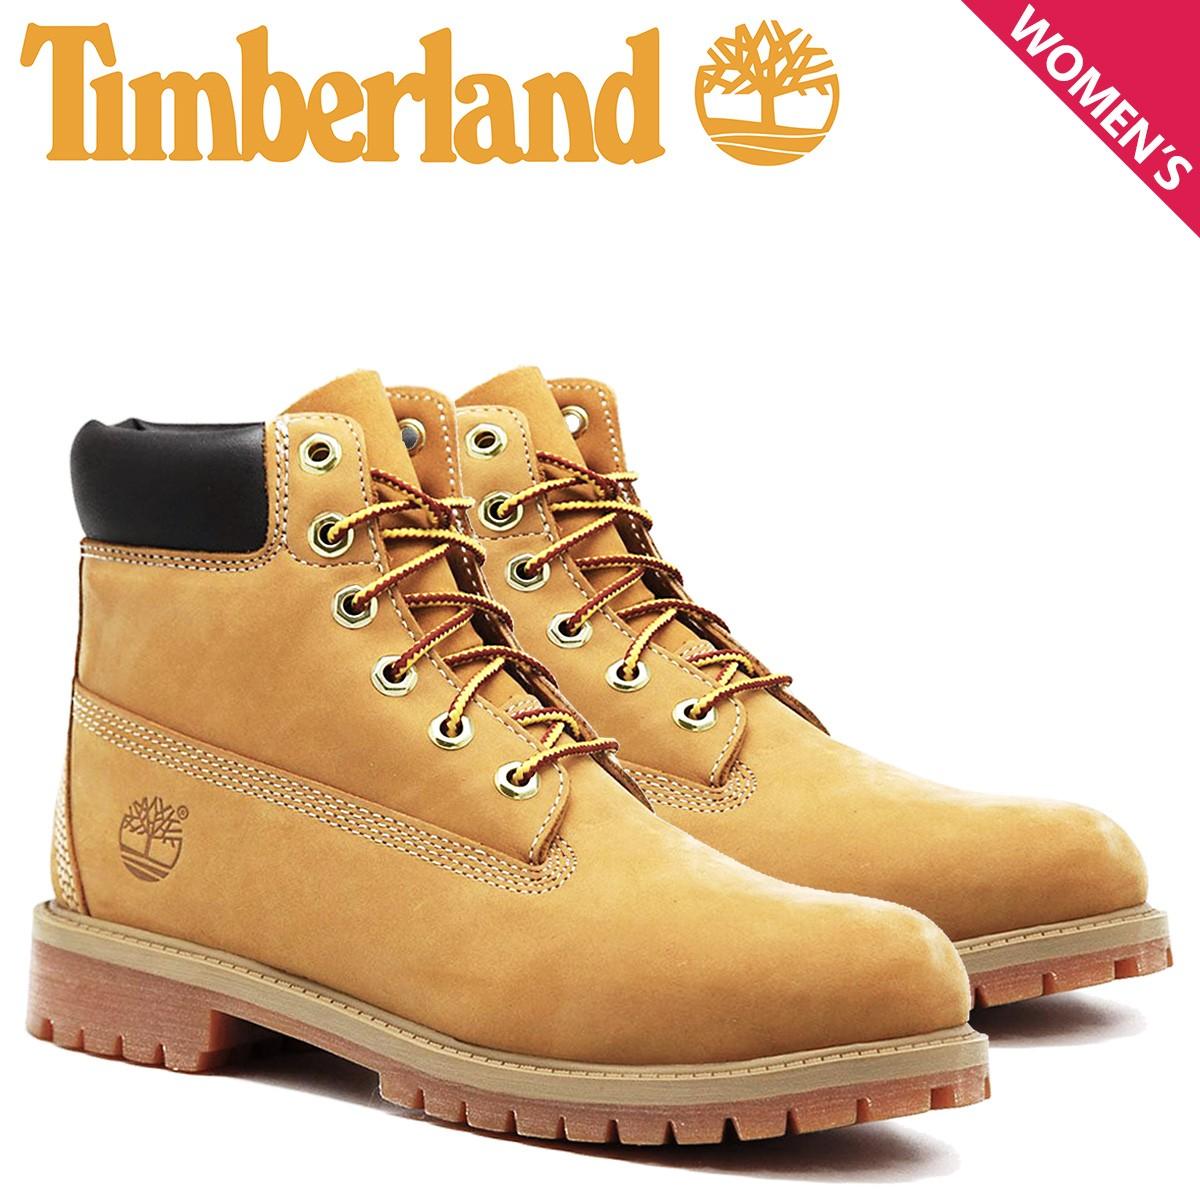 ティンバーランド レディース 6インチ Timberland ブーツ ウォータープルーフ 12909  Junior 6-Inch Premium Waterproof Boots  [8/10 追加入荷]